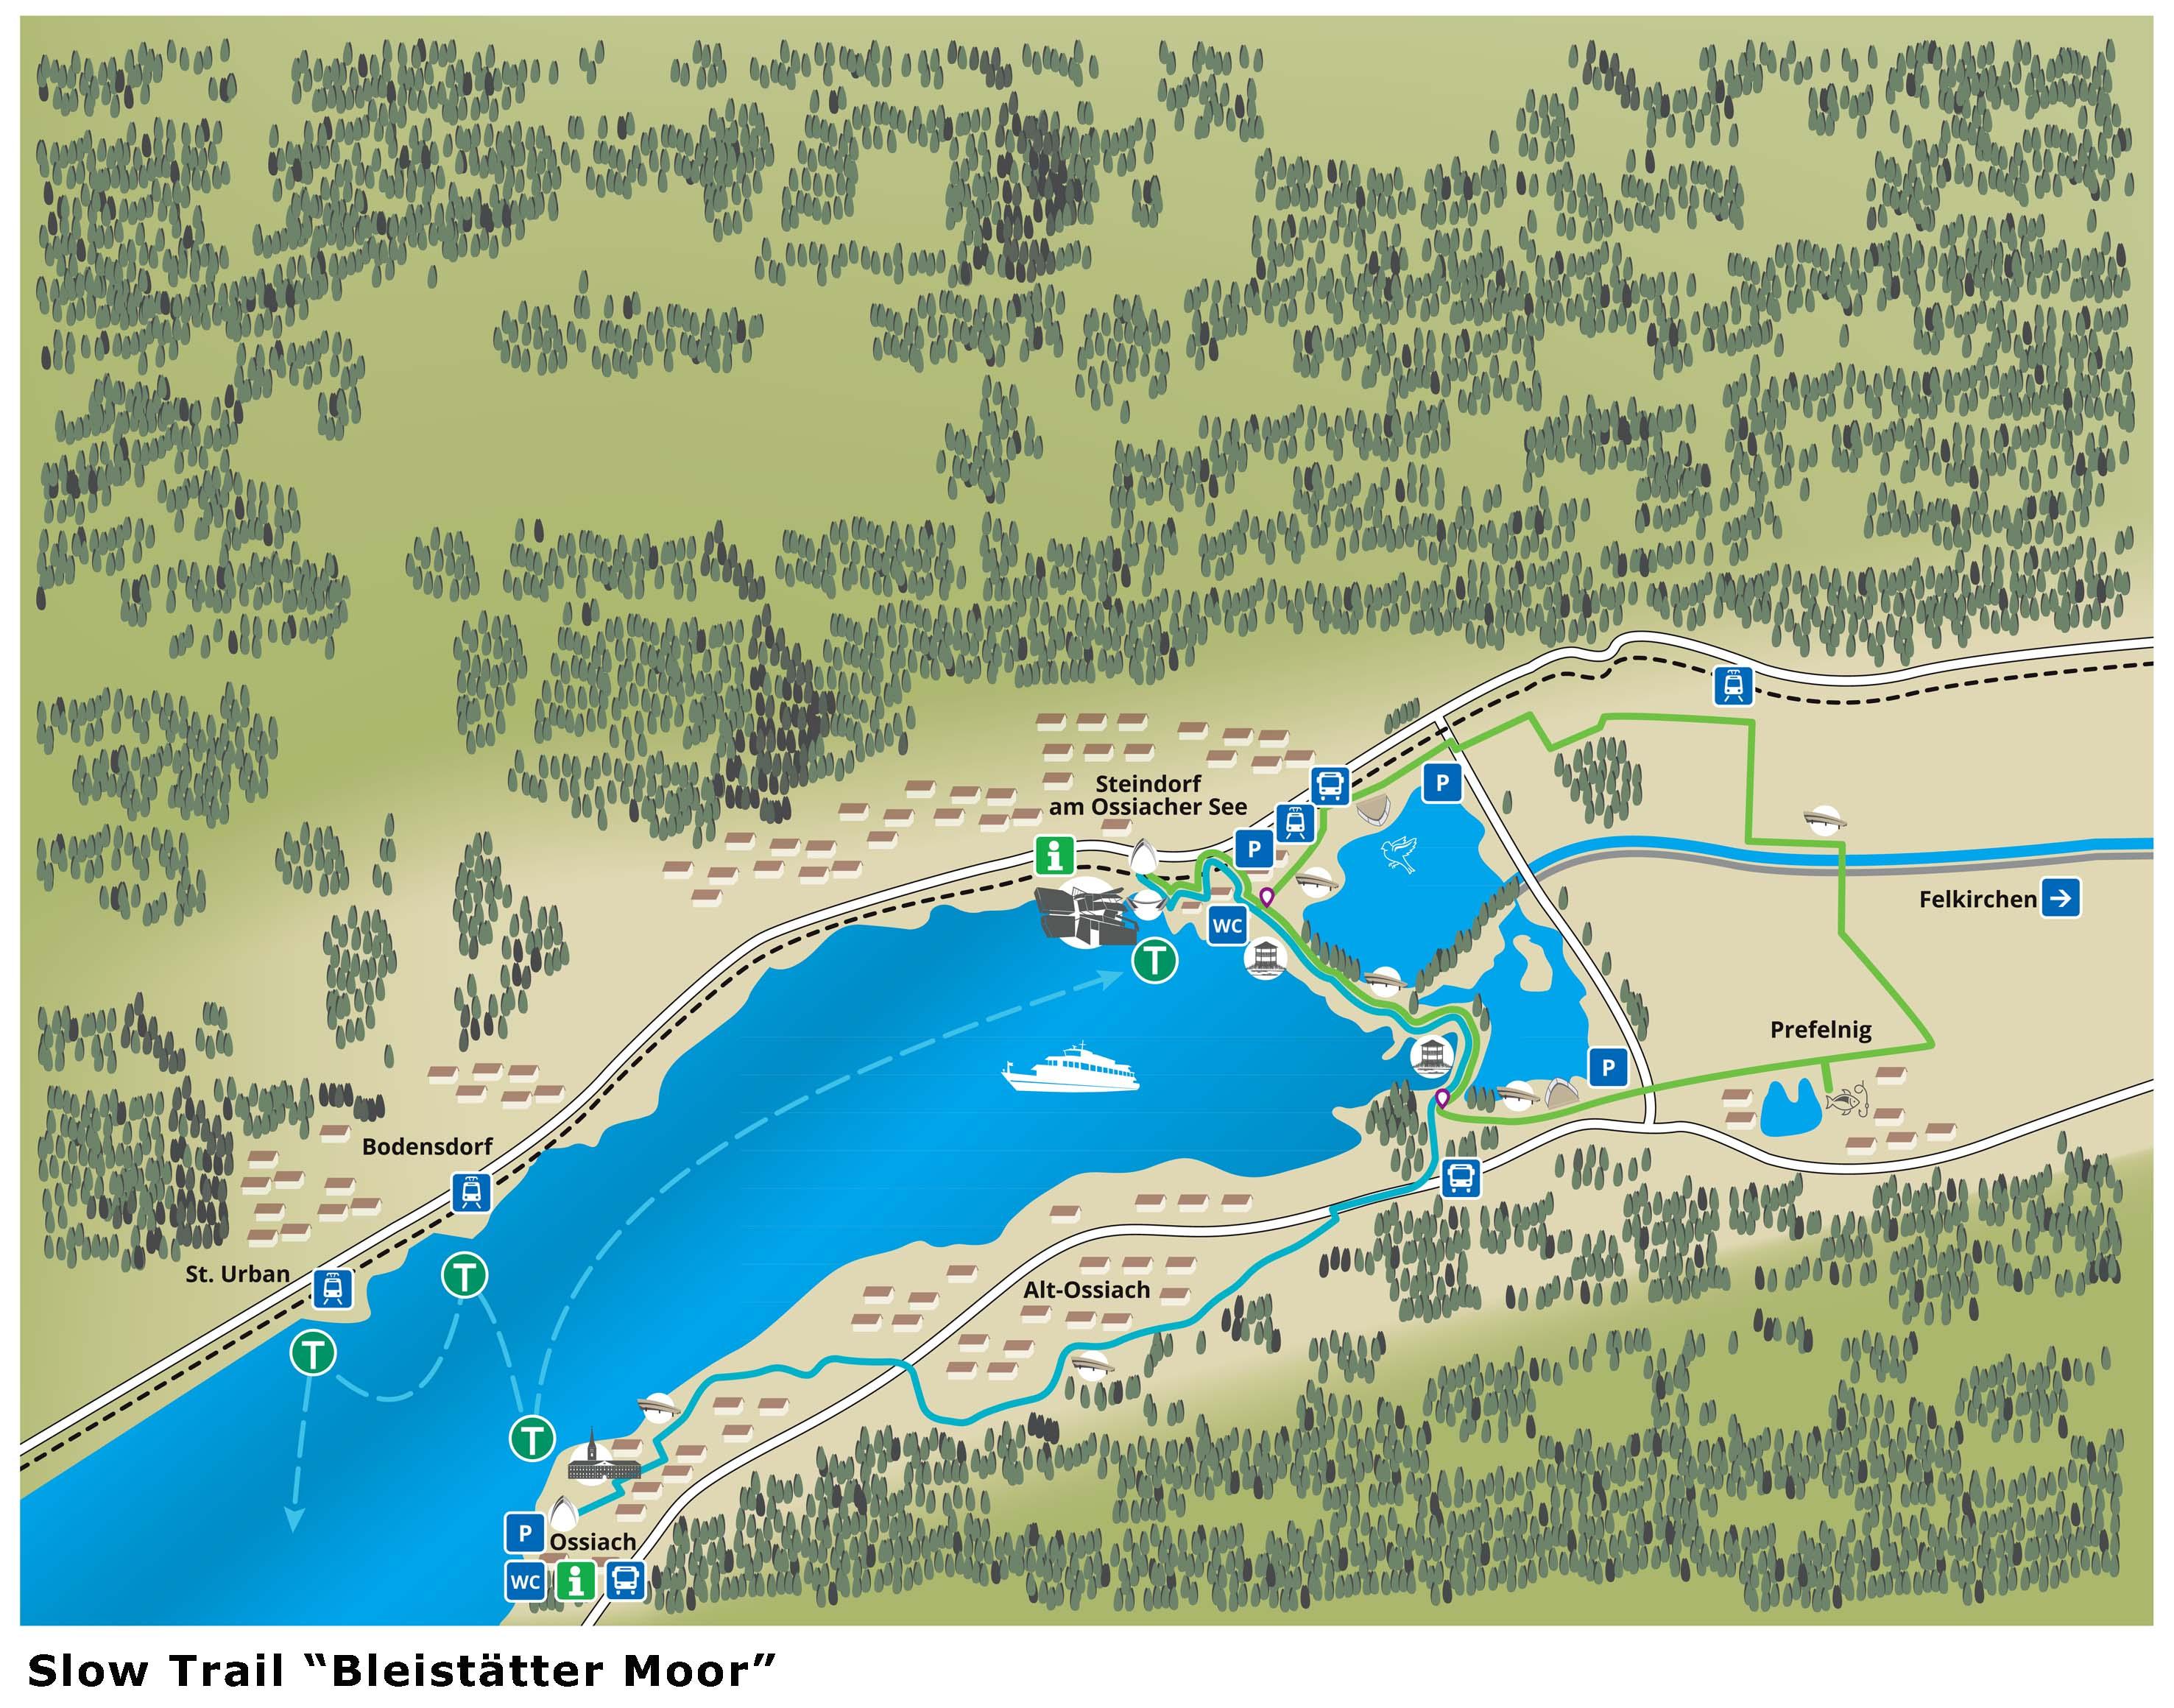 Mappa Villach Slow Trail Bleistätter Moor